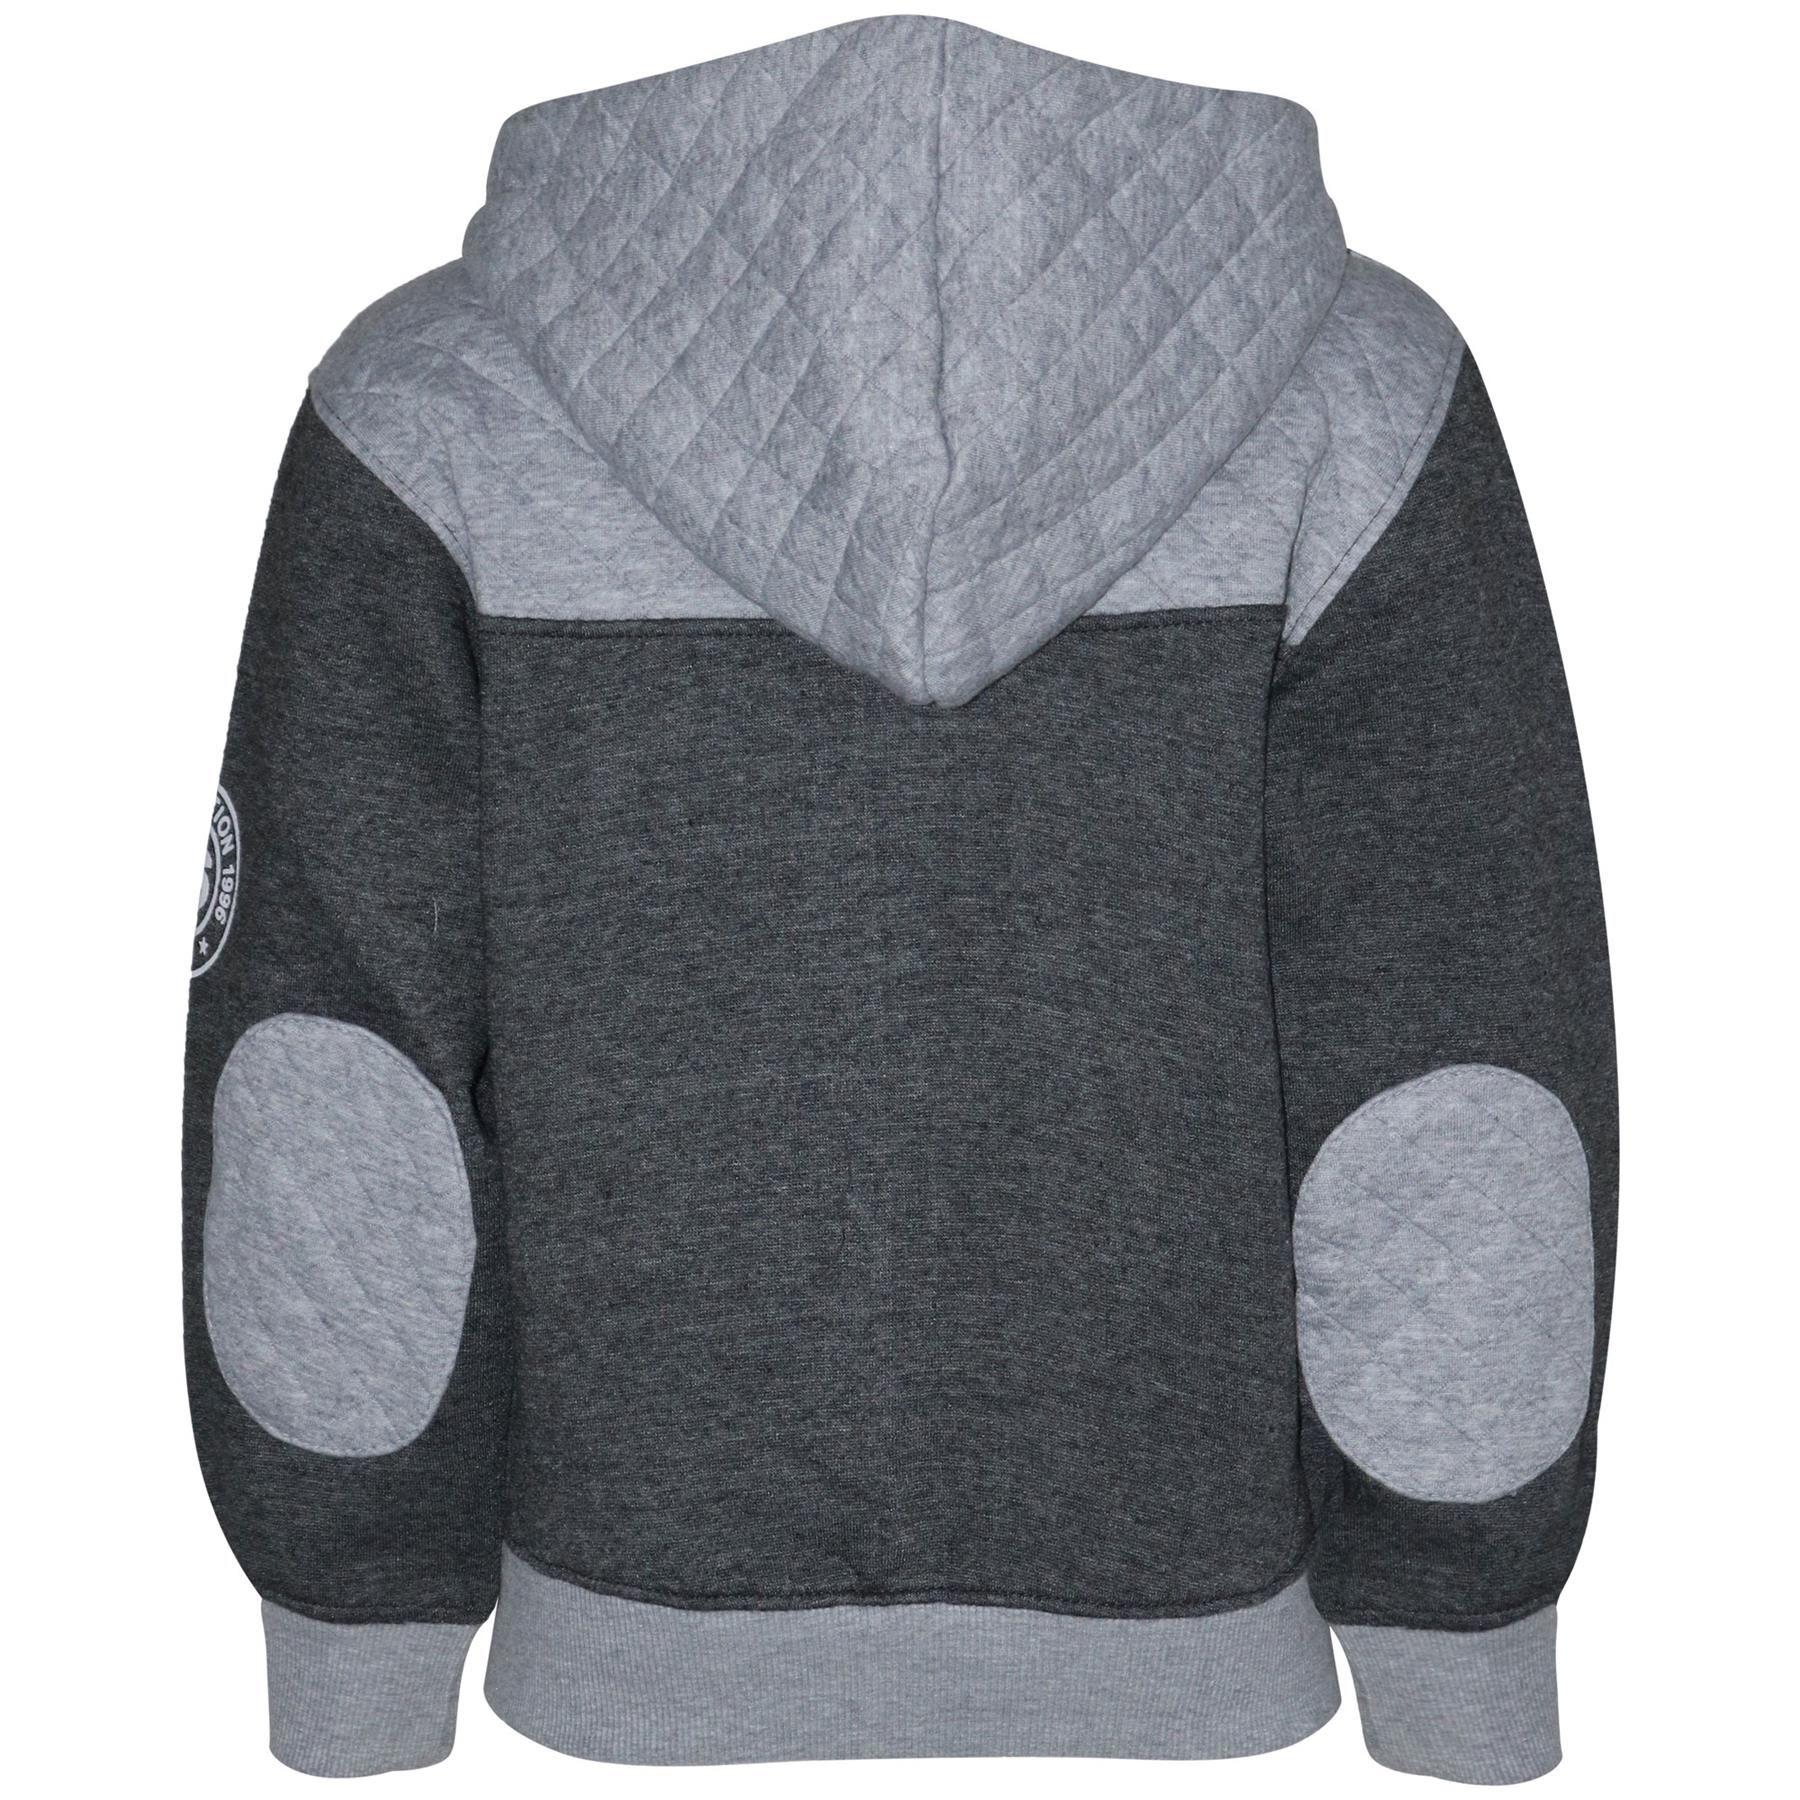 Bambini Ragazzi Design Tuta da Jogging Suit Giacca Maglia Pantaloni Età 7-13